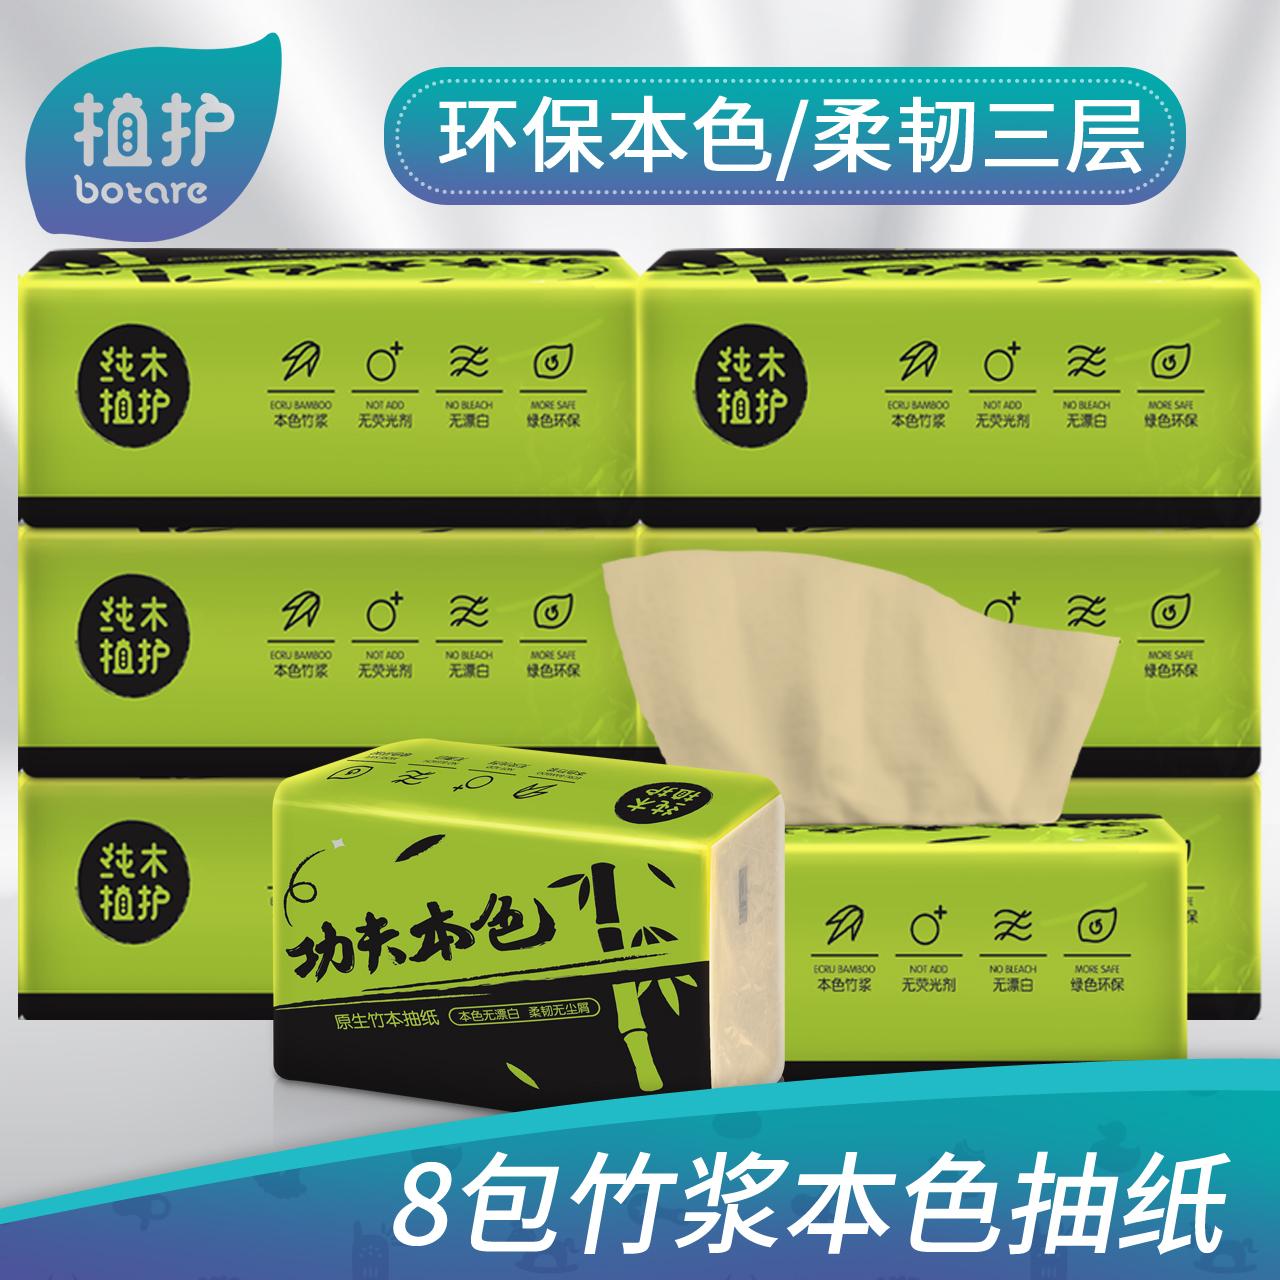 植护本色竹浆抽纸面纸8包家庭装抽取式面纸巾批发餐巾纸卫生纸